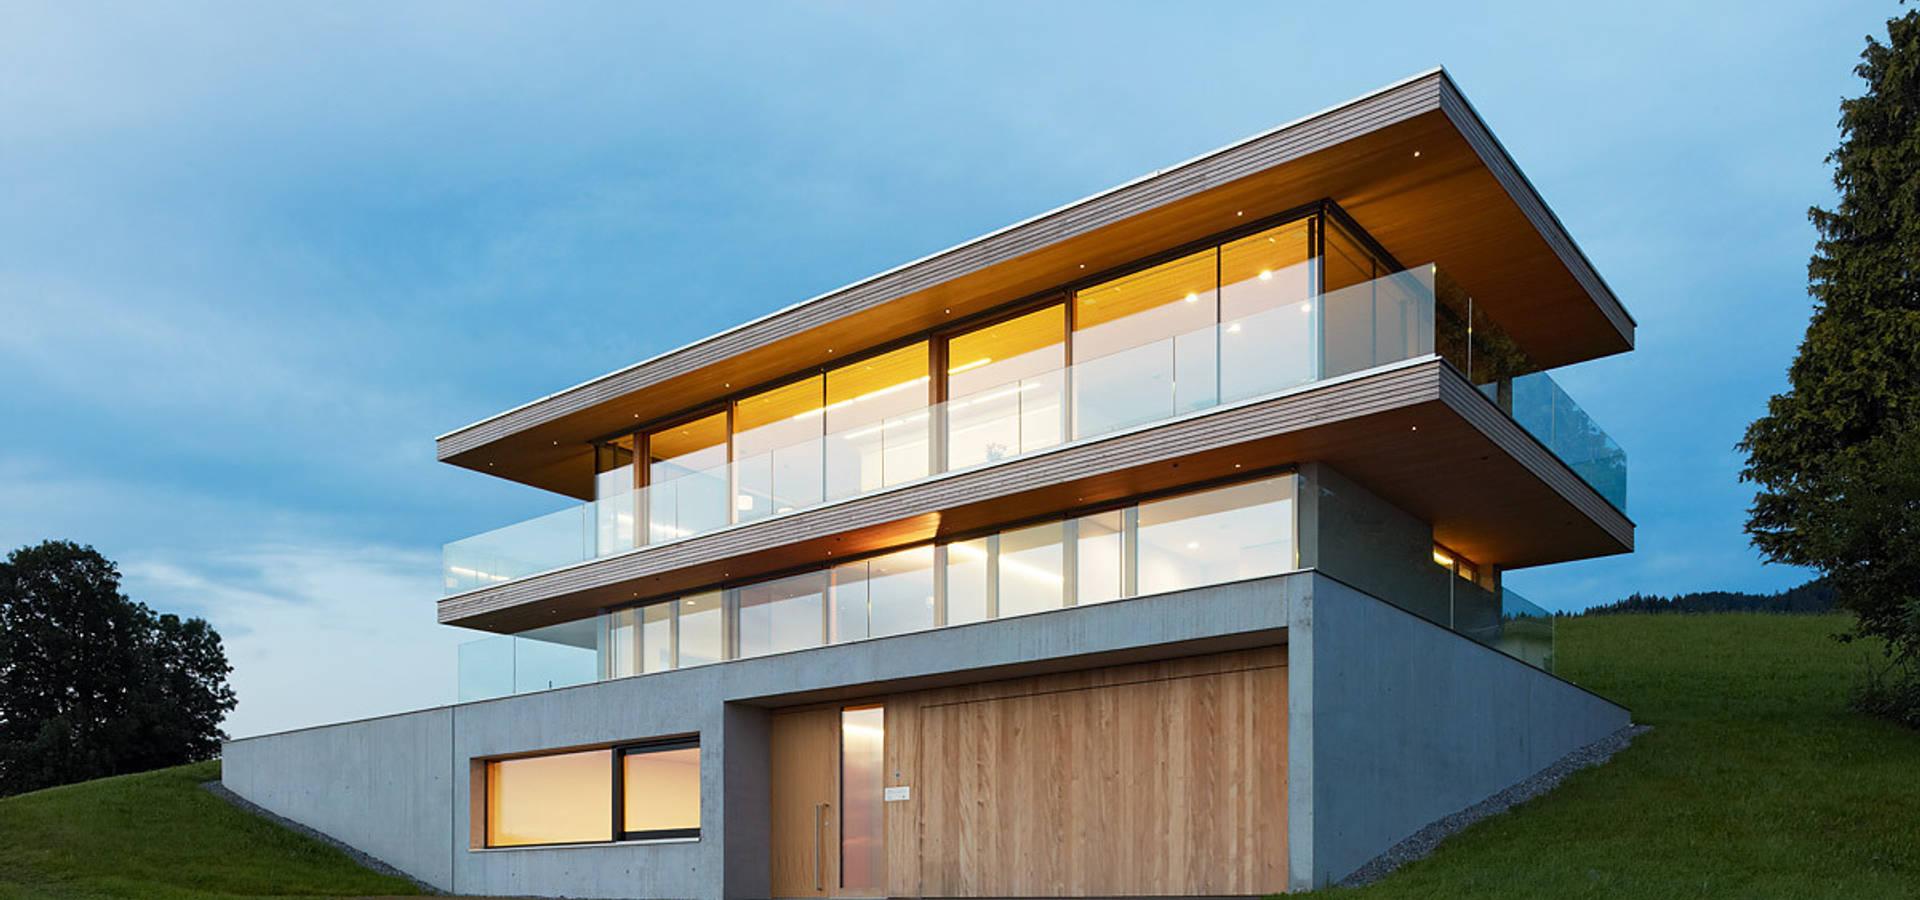 Dietrich | Untertrifaller Architekten ZT GmbH